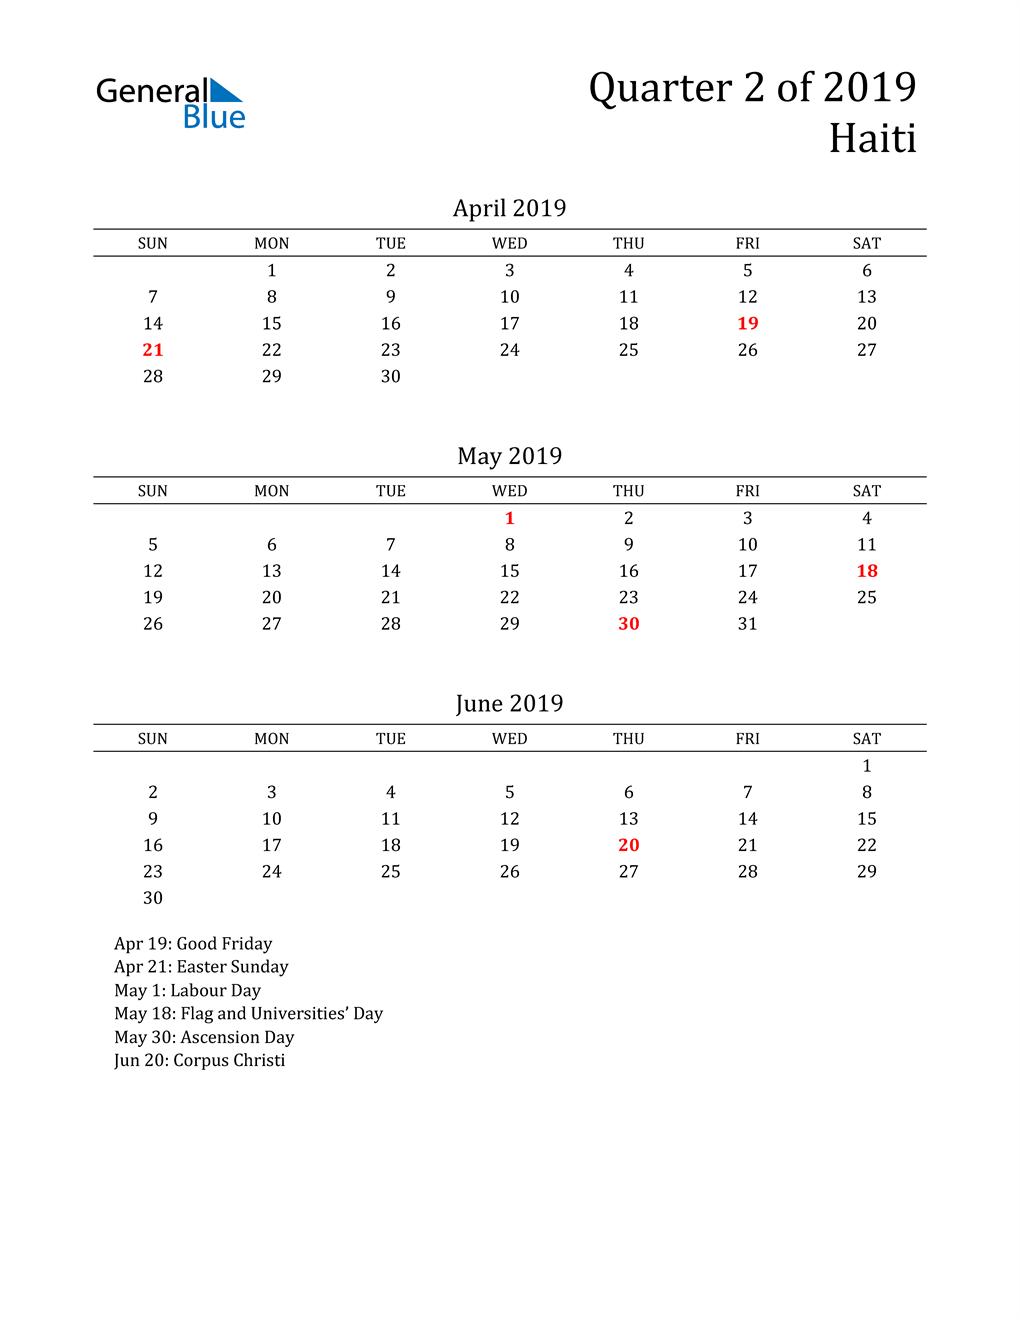 2019 Haiti Quarterly Calendar